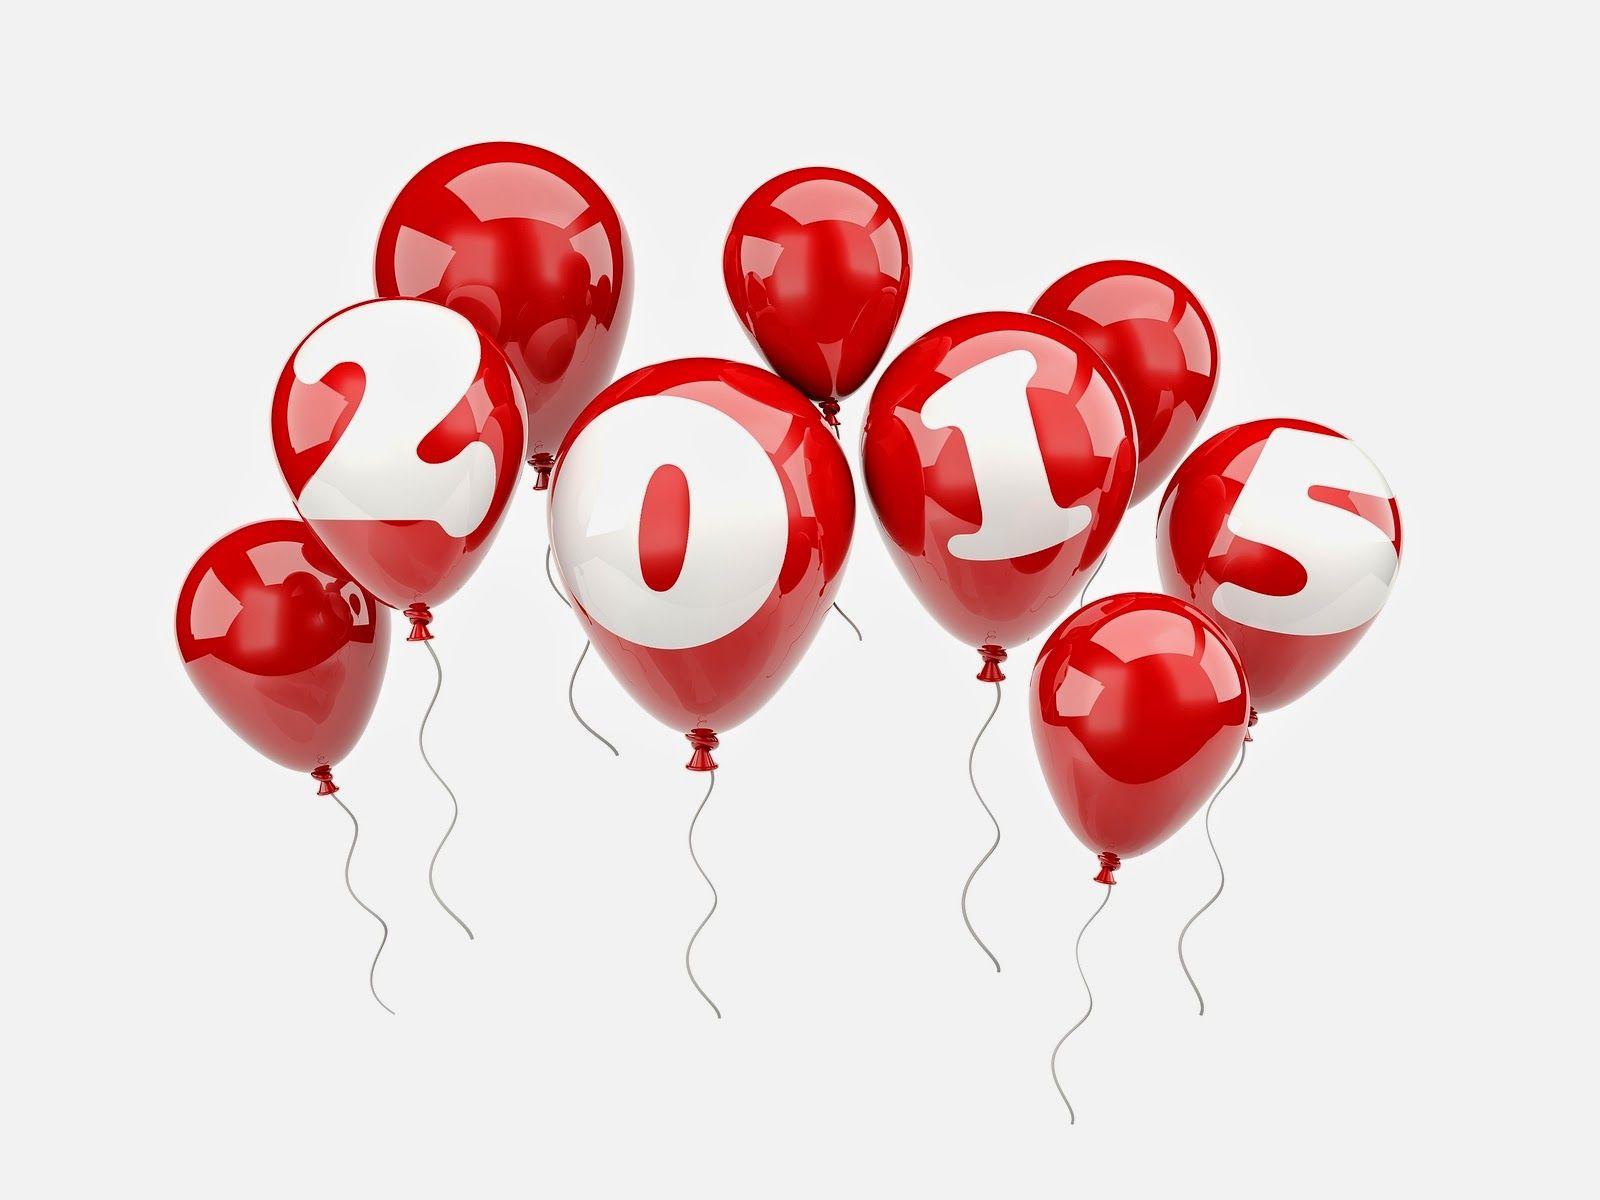 felicitaciones año nuevo 2015 - Buscar con Google